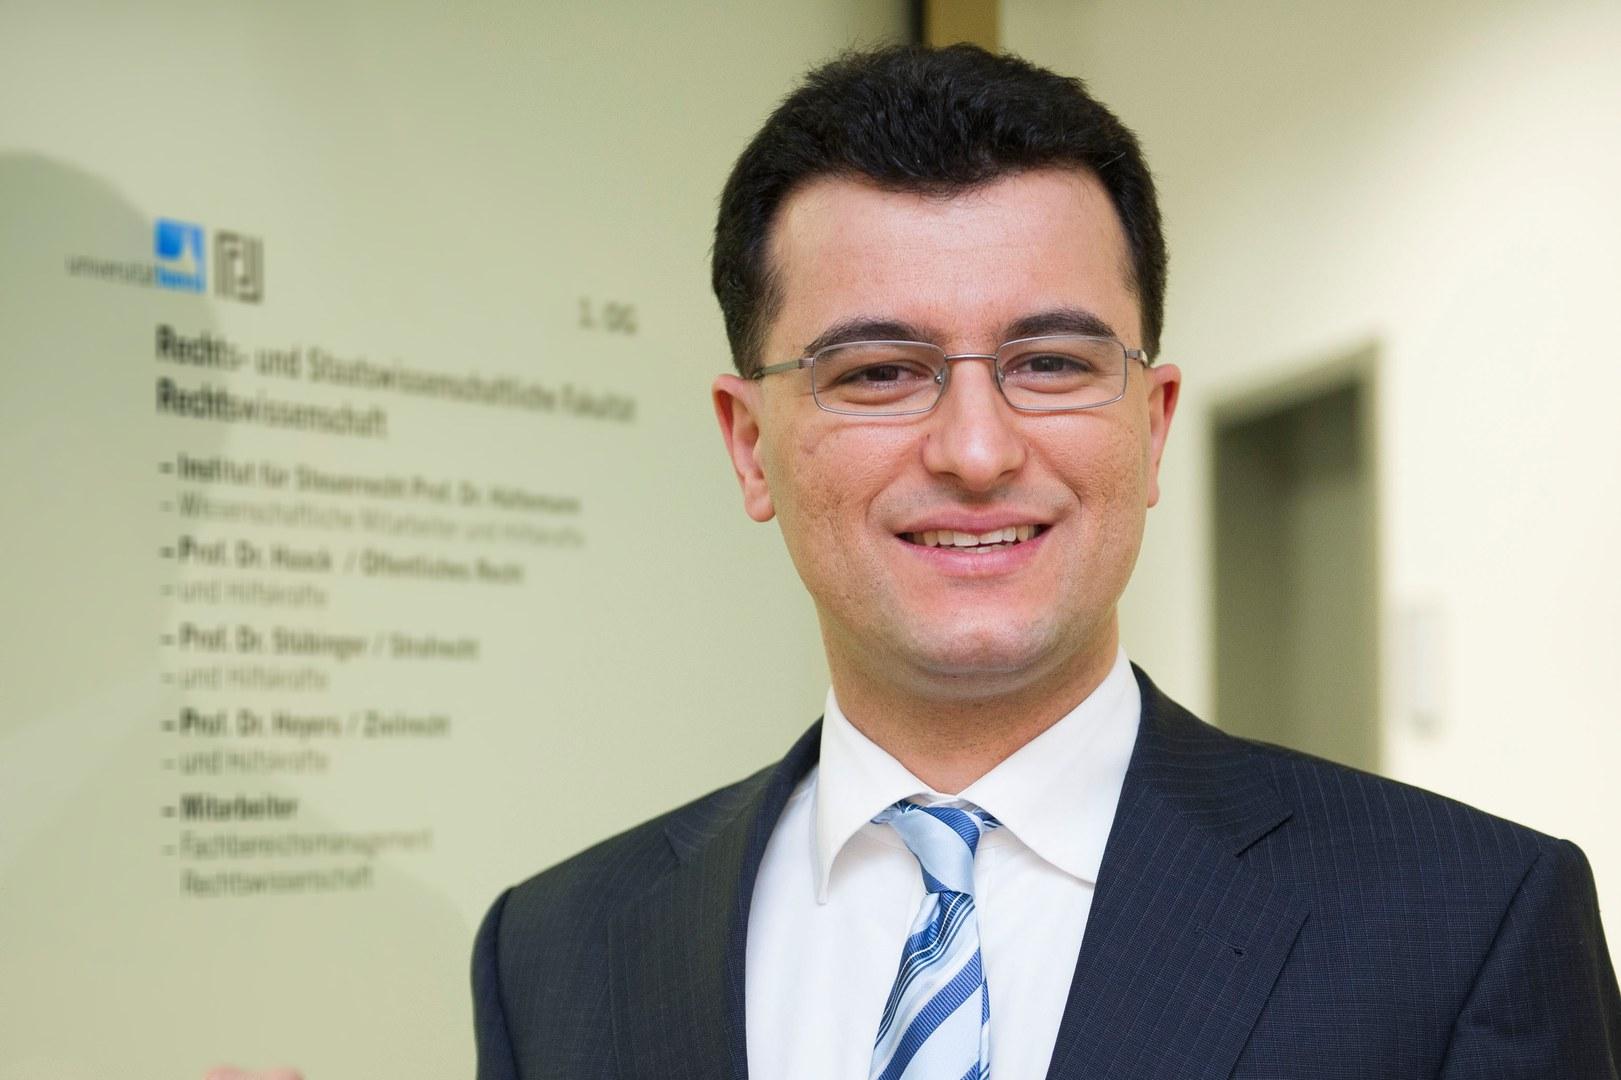 Prof. Dr. Foroud Shirvani